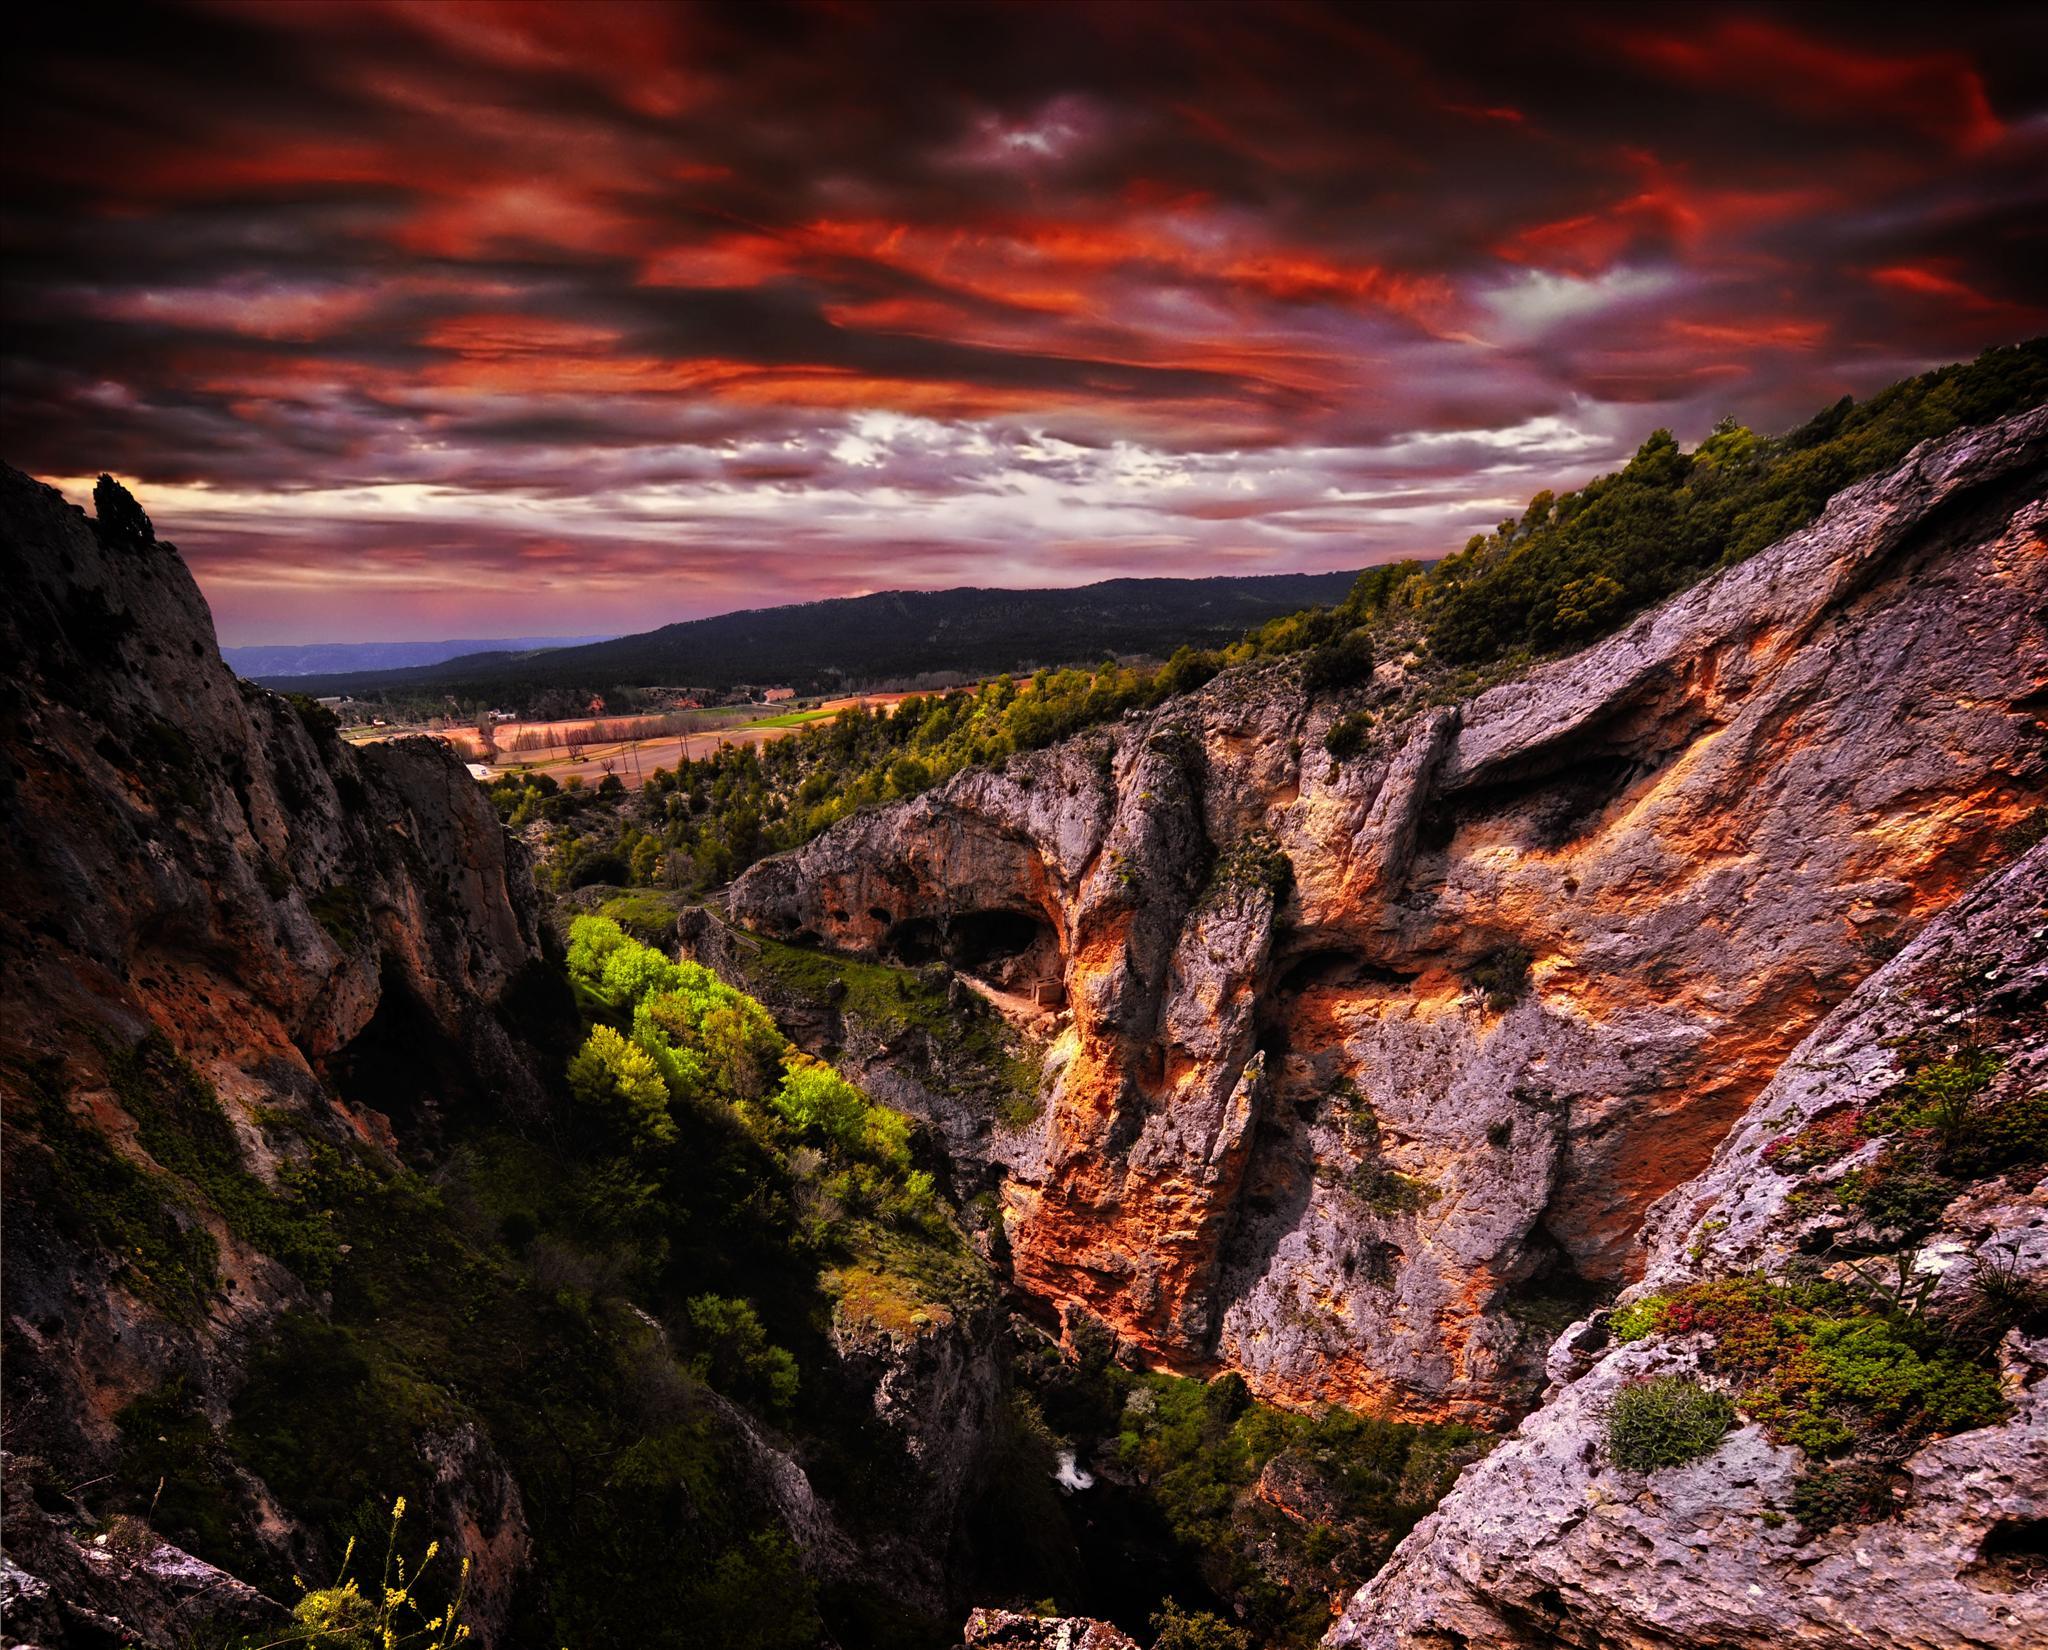 Ventano_del_diablo_serrania_Cuenca_mirandoacuenca.es